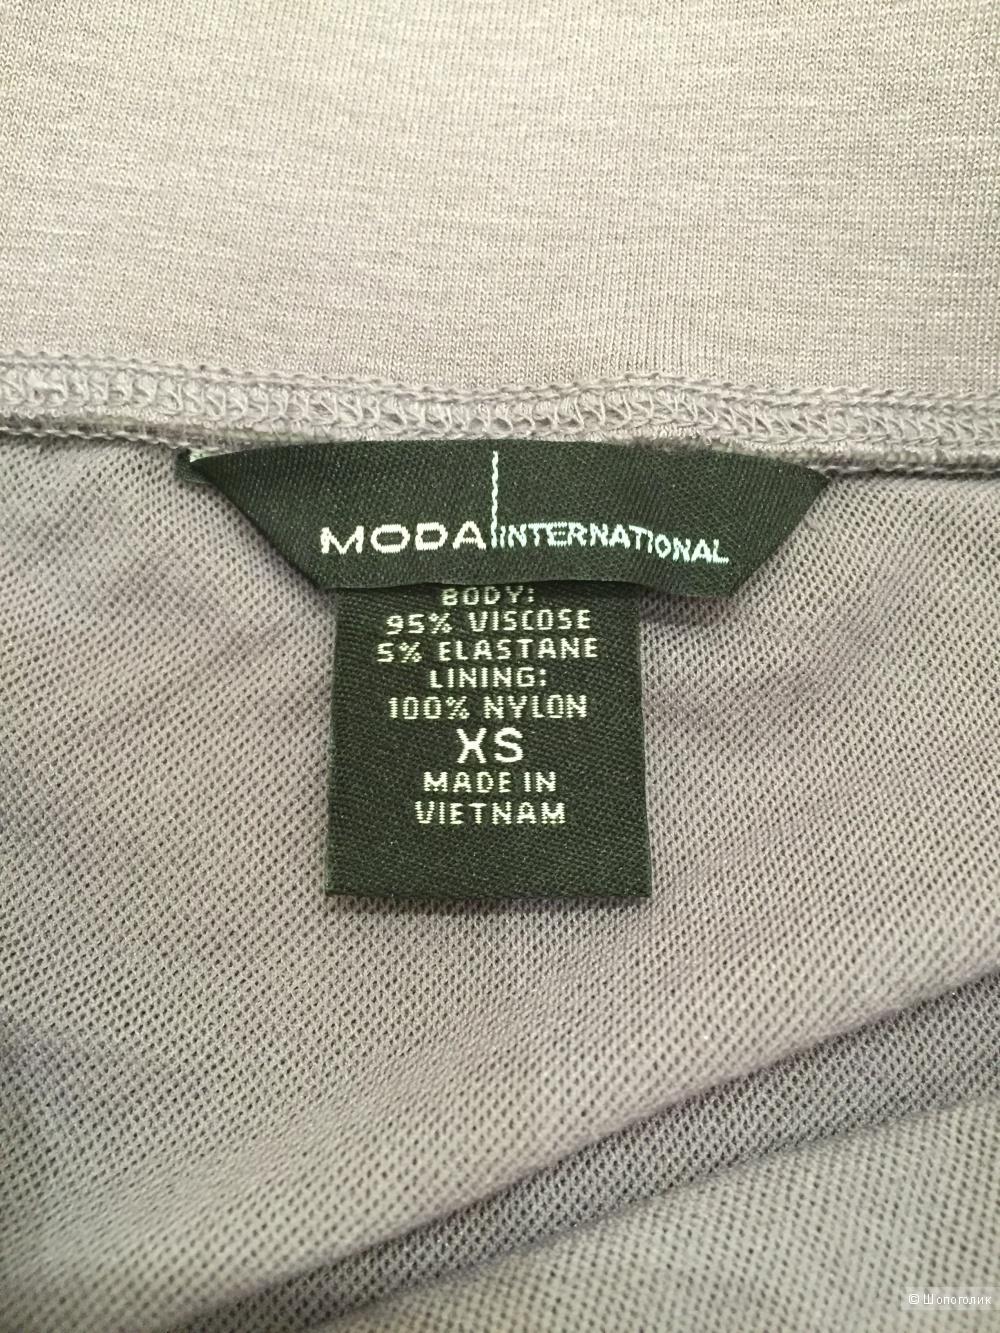 Сиреневая юбка Moda International xs новая